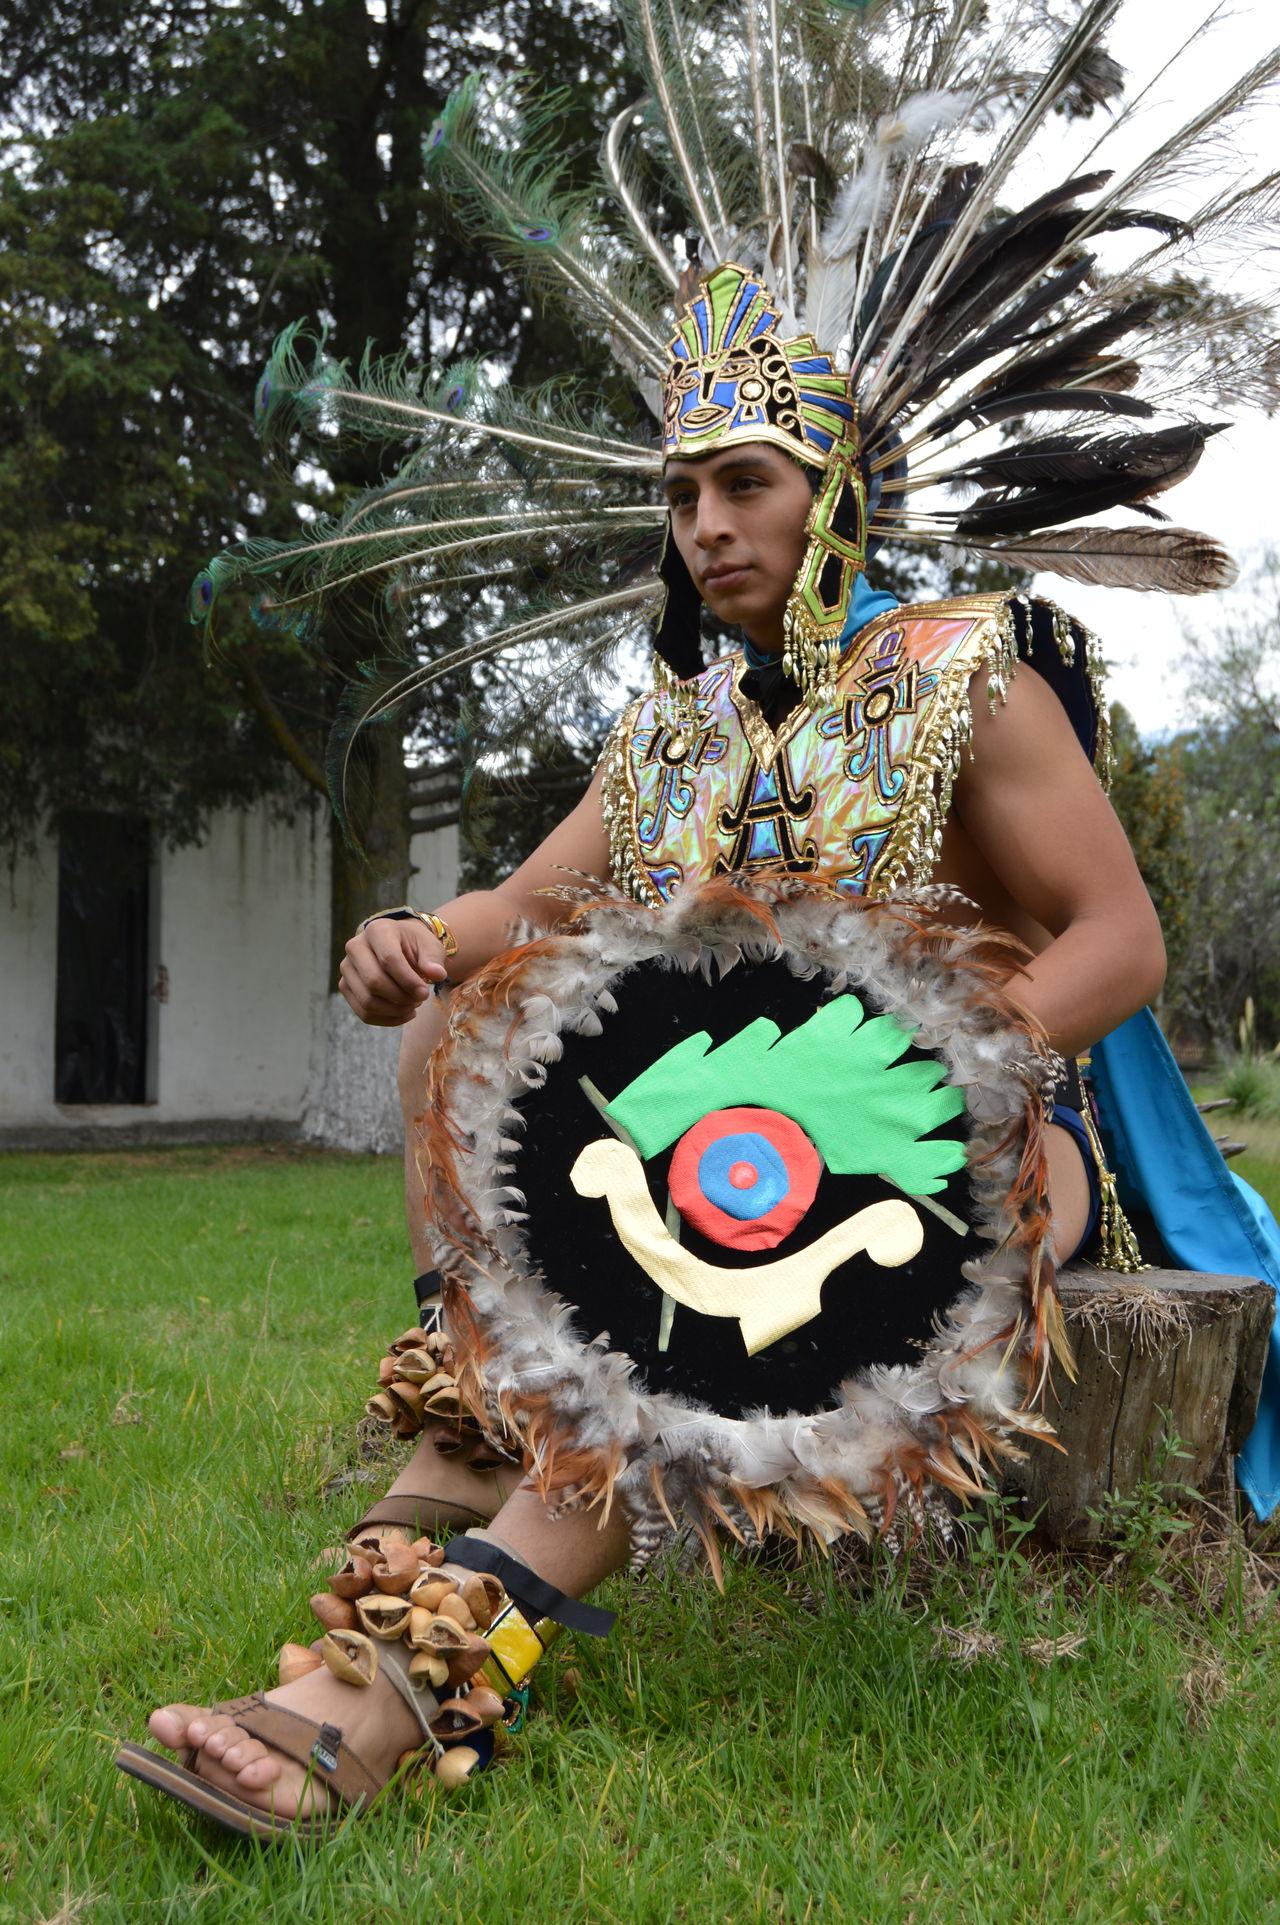 Man Mayan Culture Mayan Civiliization Mayan Accessories Mayan Wonders Plume Shield Mayan Riviera Photography Nikon D3200 Nightphotography